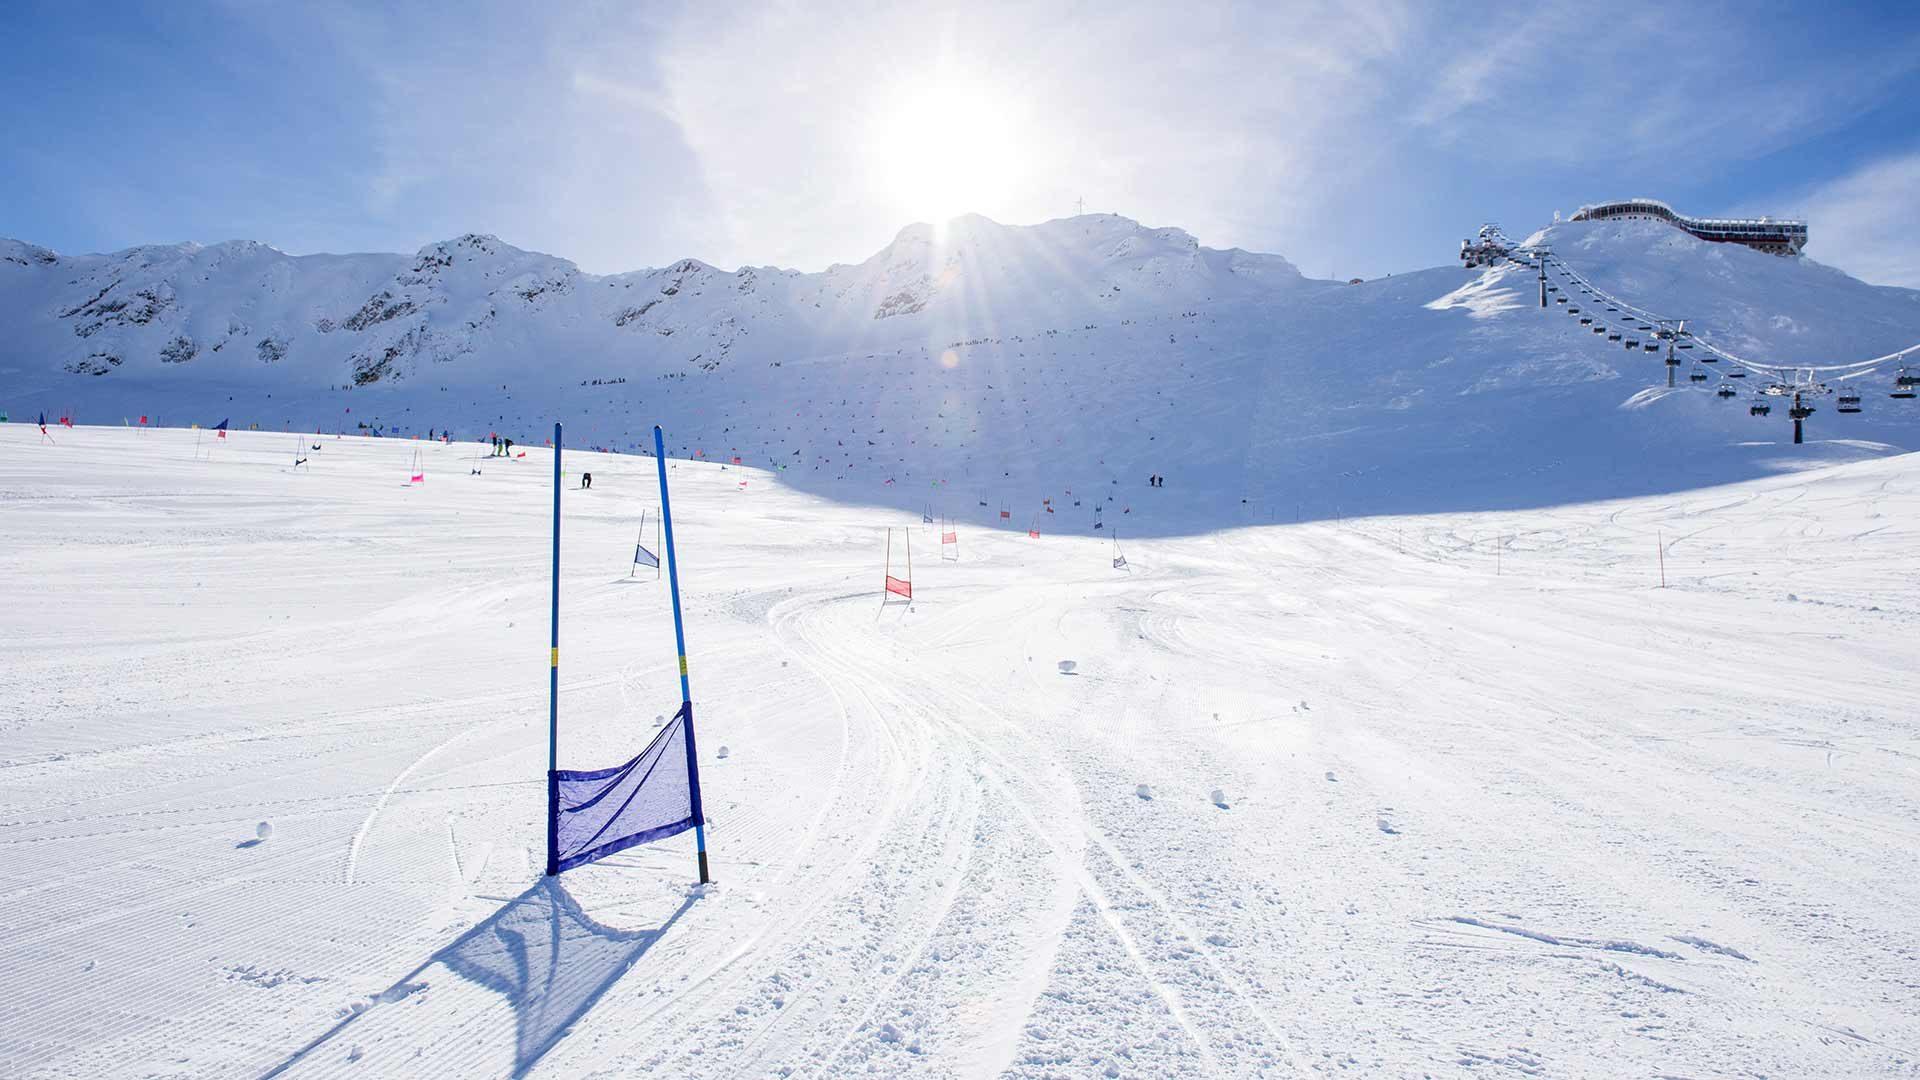 Sciare sul ghiacciaio in Alto Adige